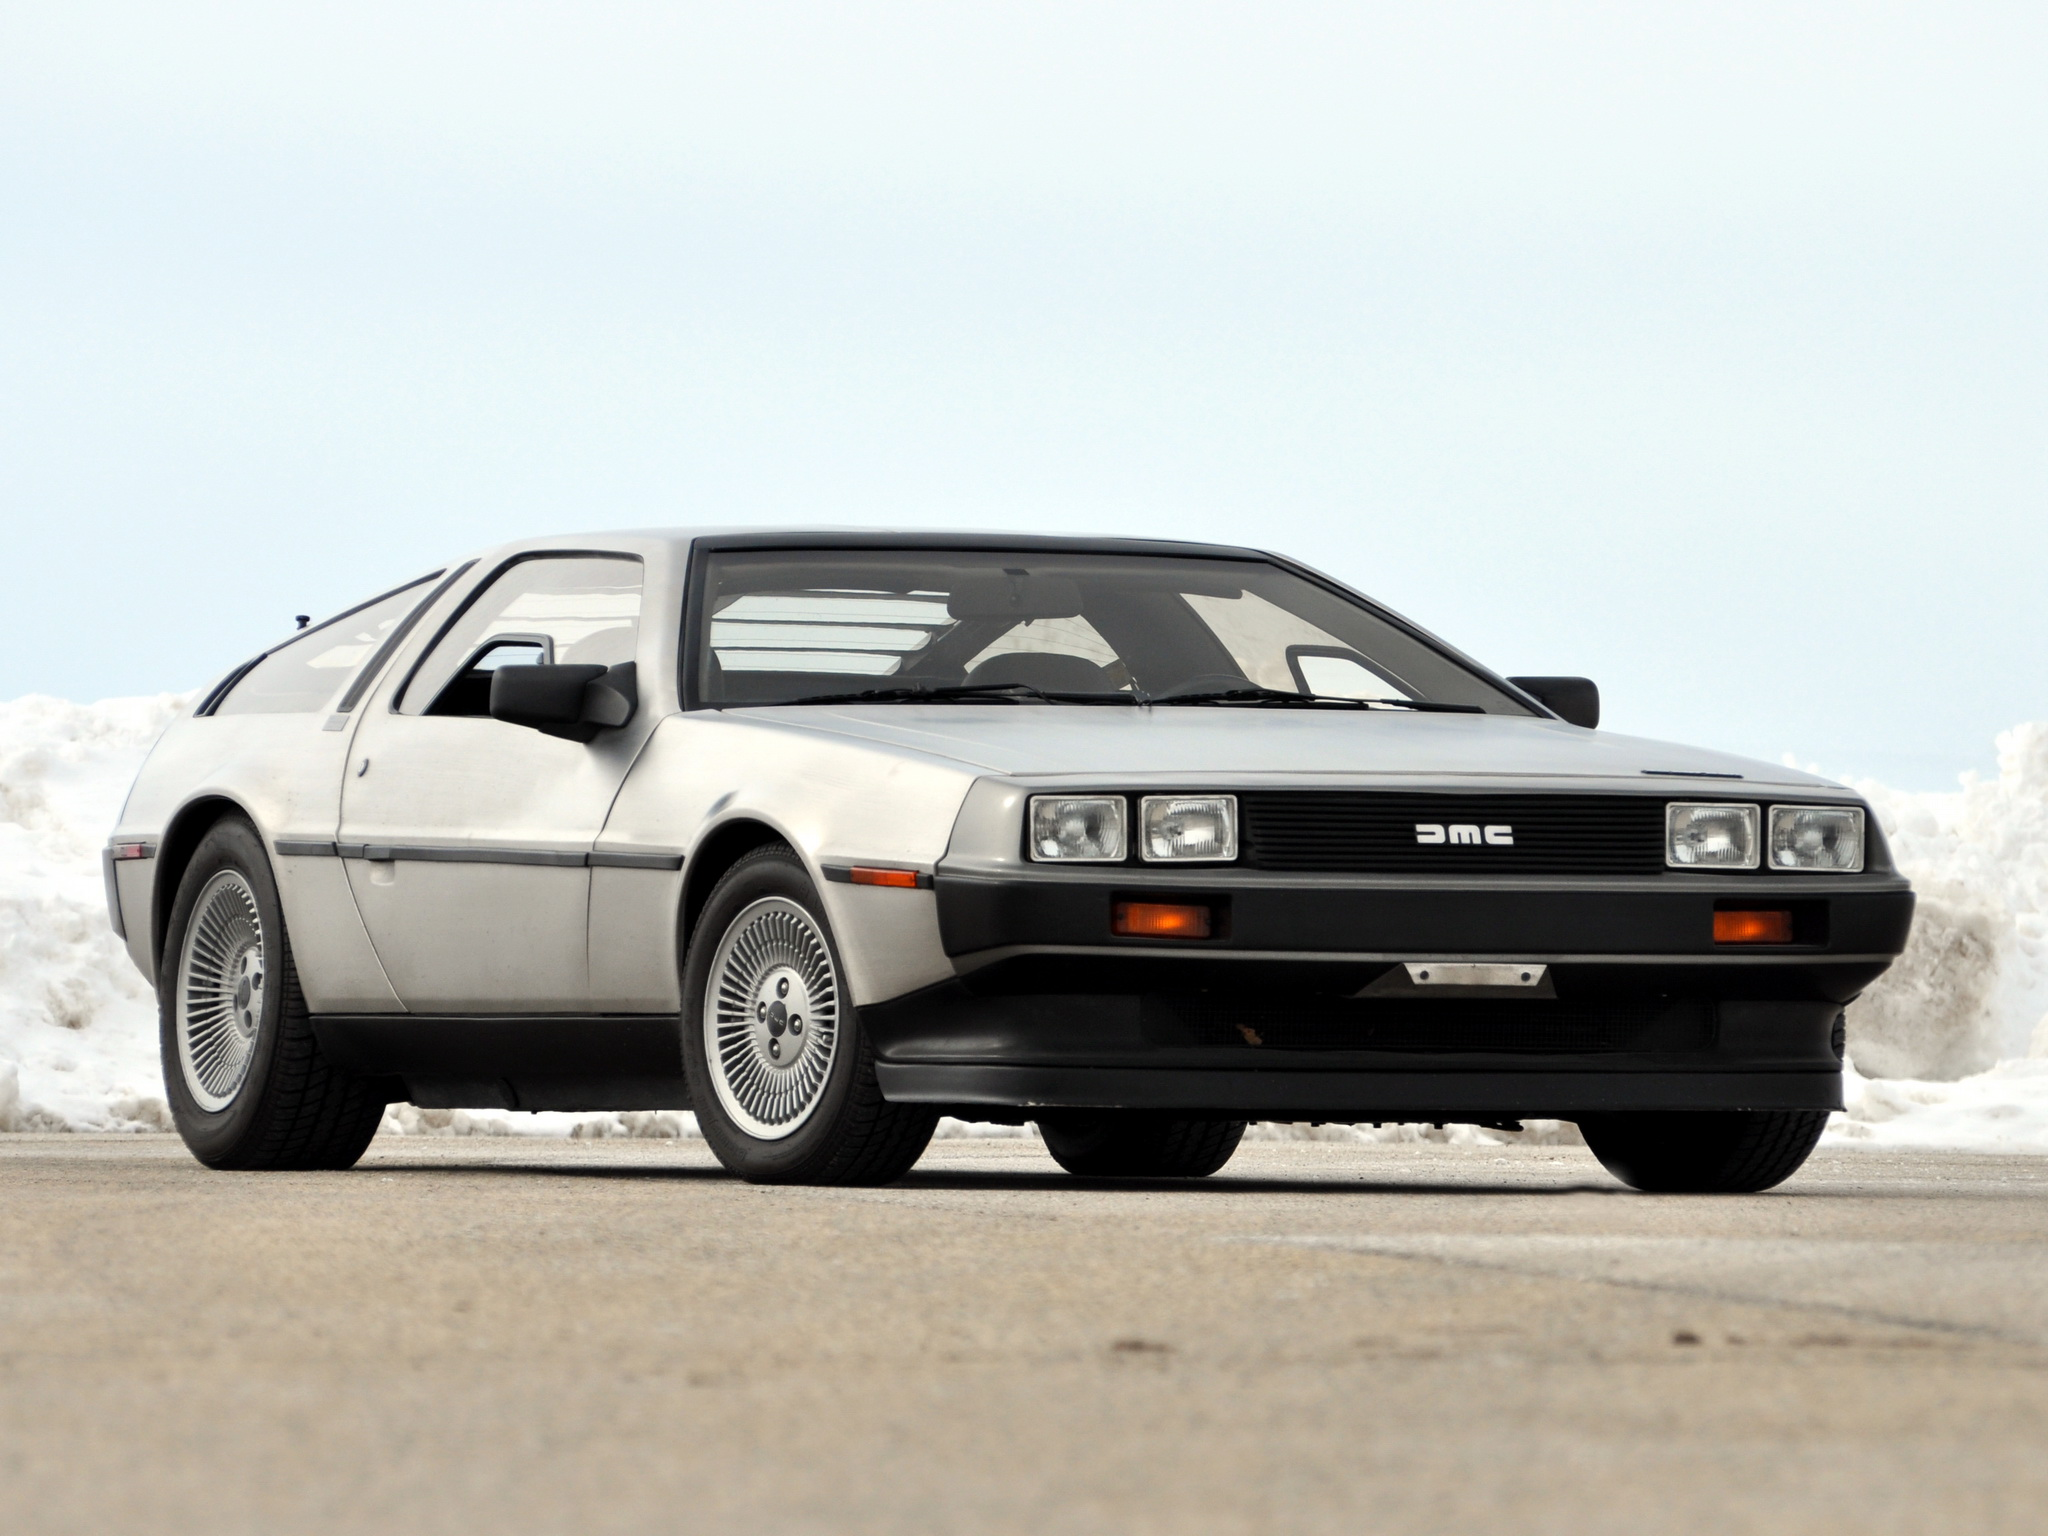 Delorean dmc 12 coupe 1981